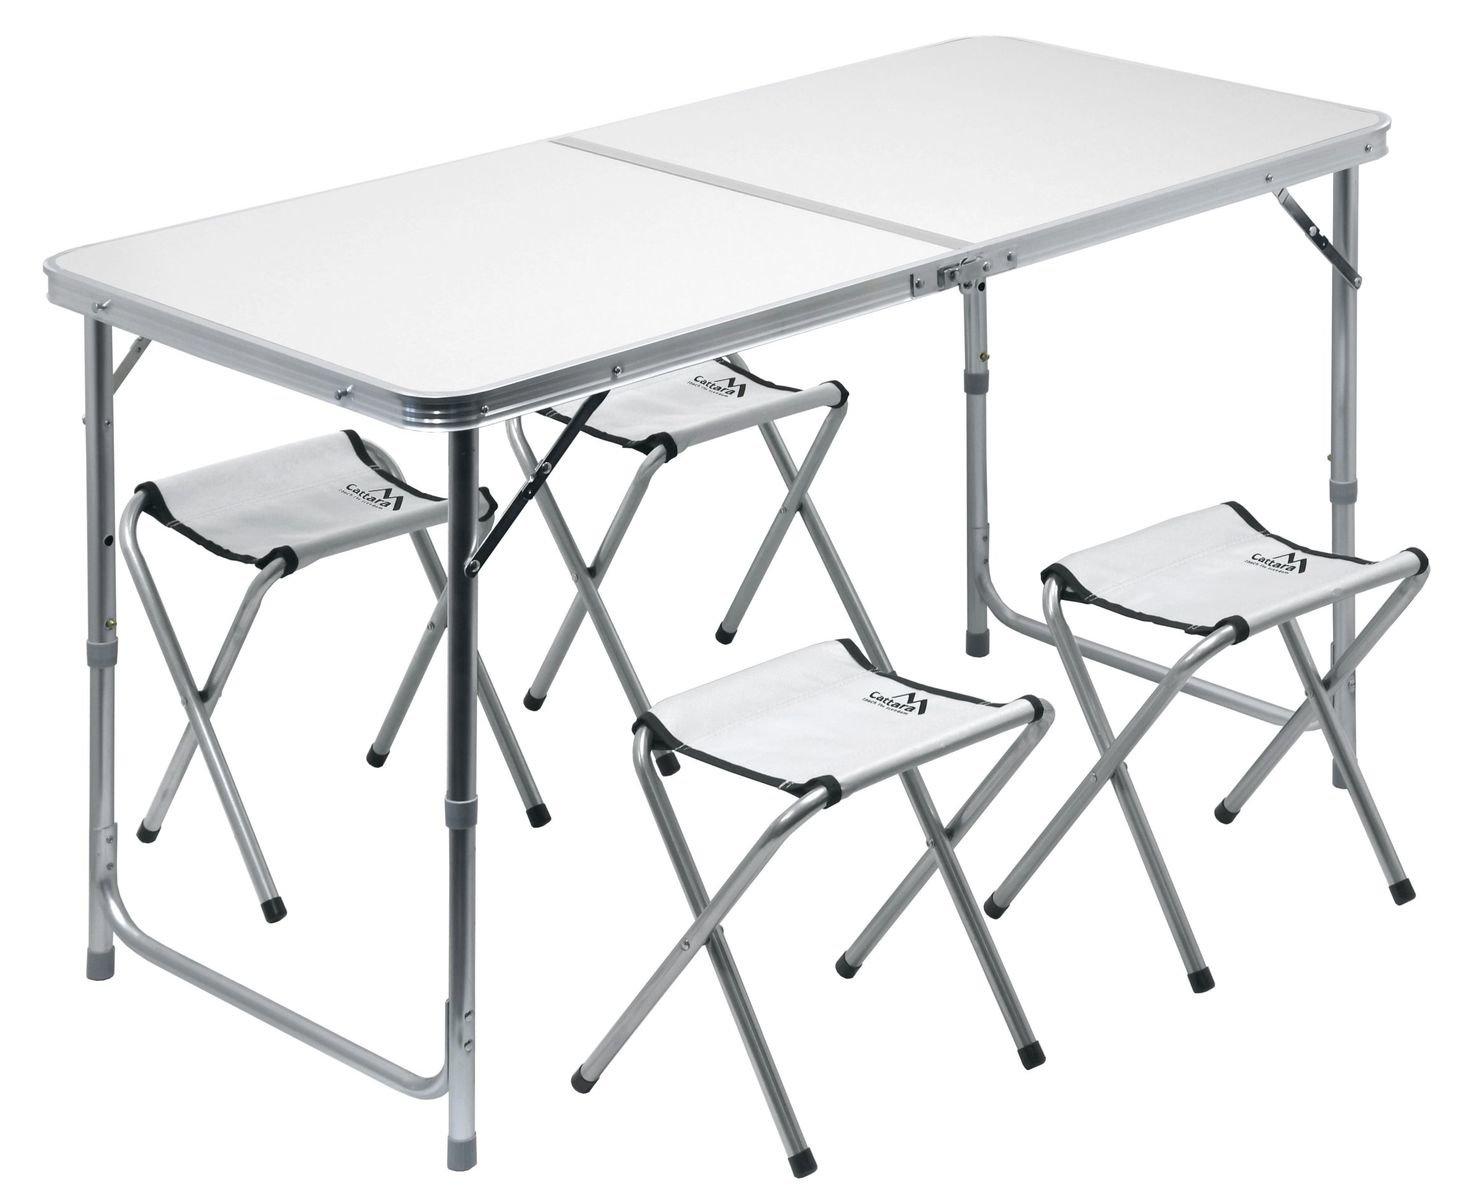 c93fe1381ef7 Cattara skládací kempingový stůl Double se 4 stoličkami - Trekobchod